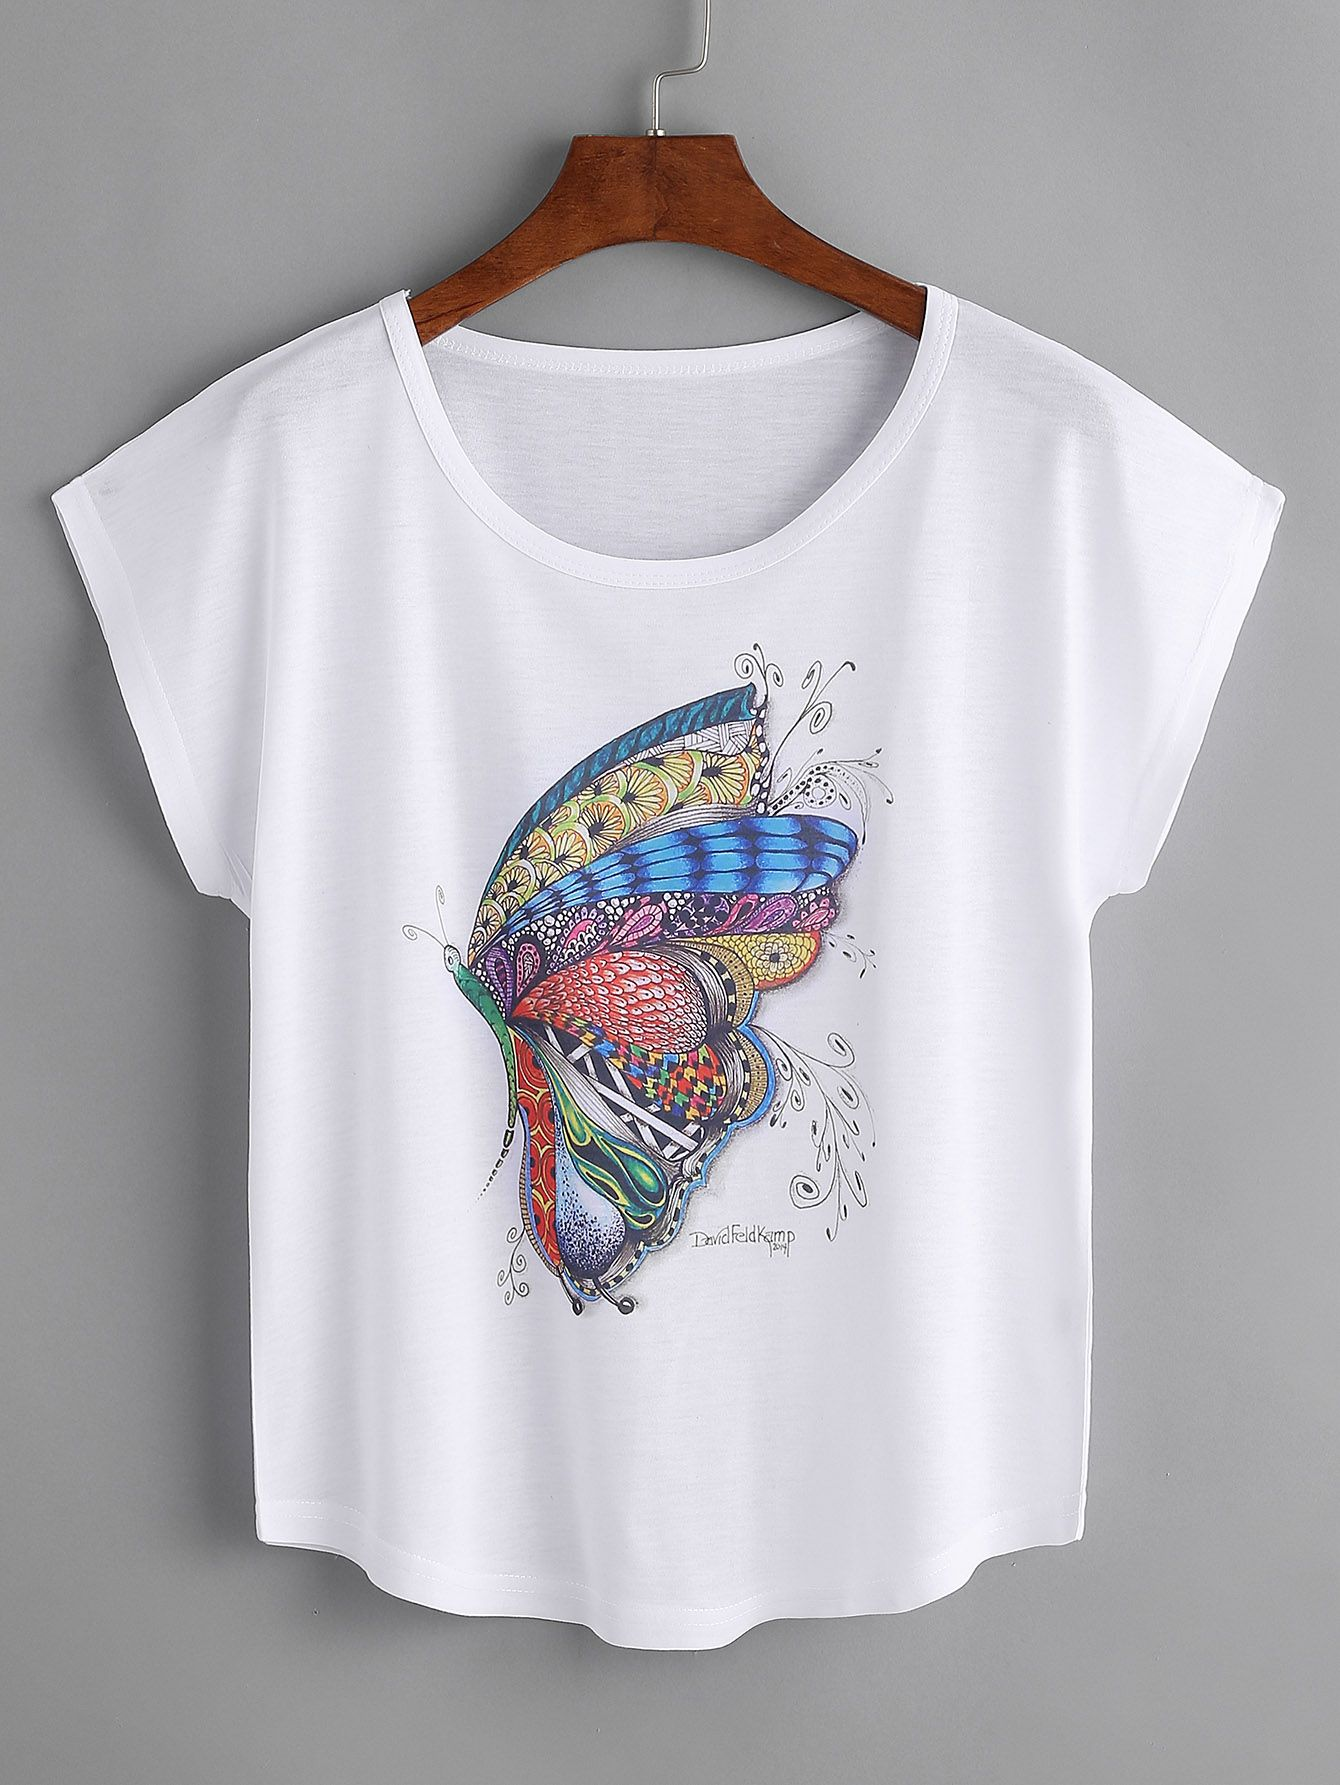 e4e377183ef Camiseta con estampado de mariposa-(Sheinside) | BUTTERFLY в 2019 г ...